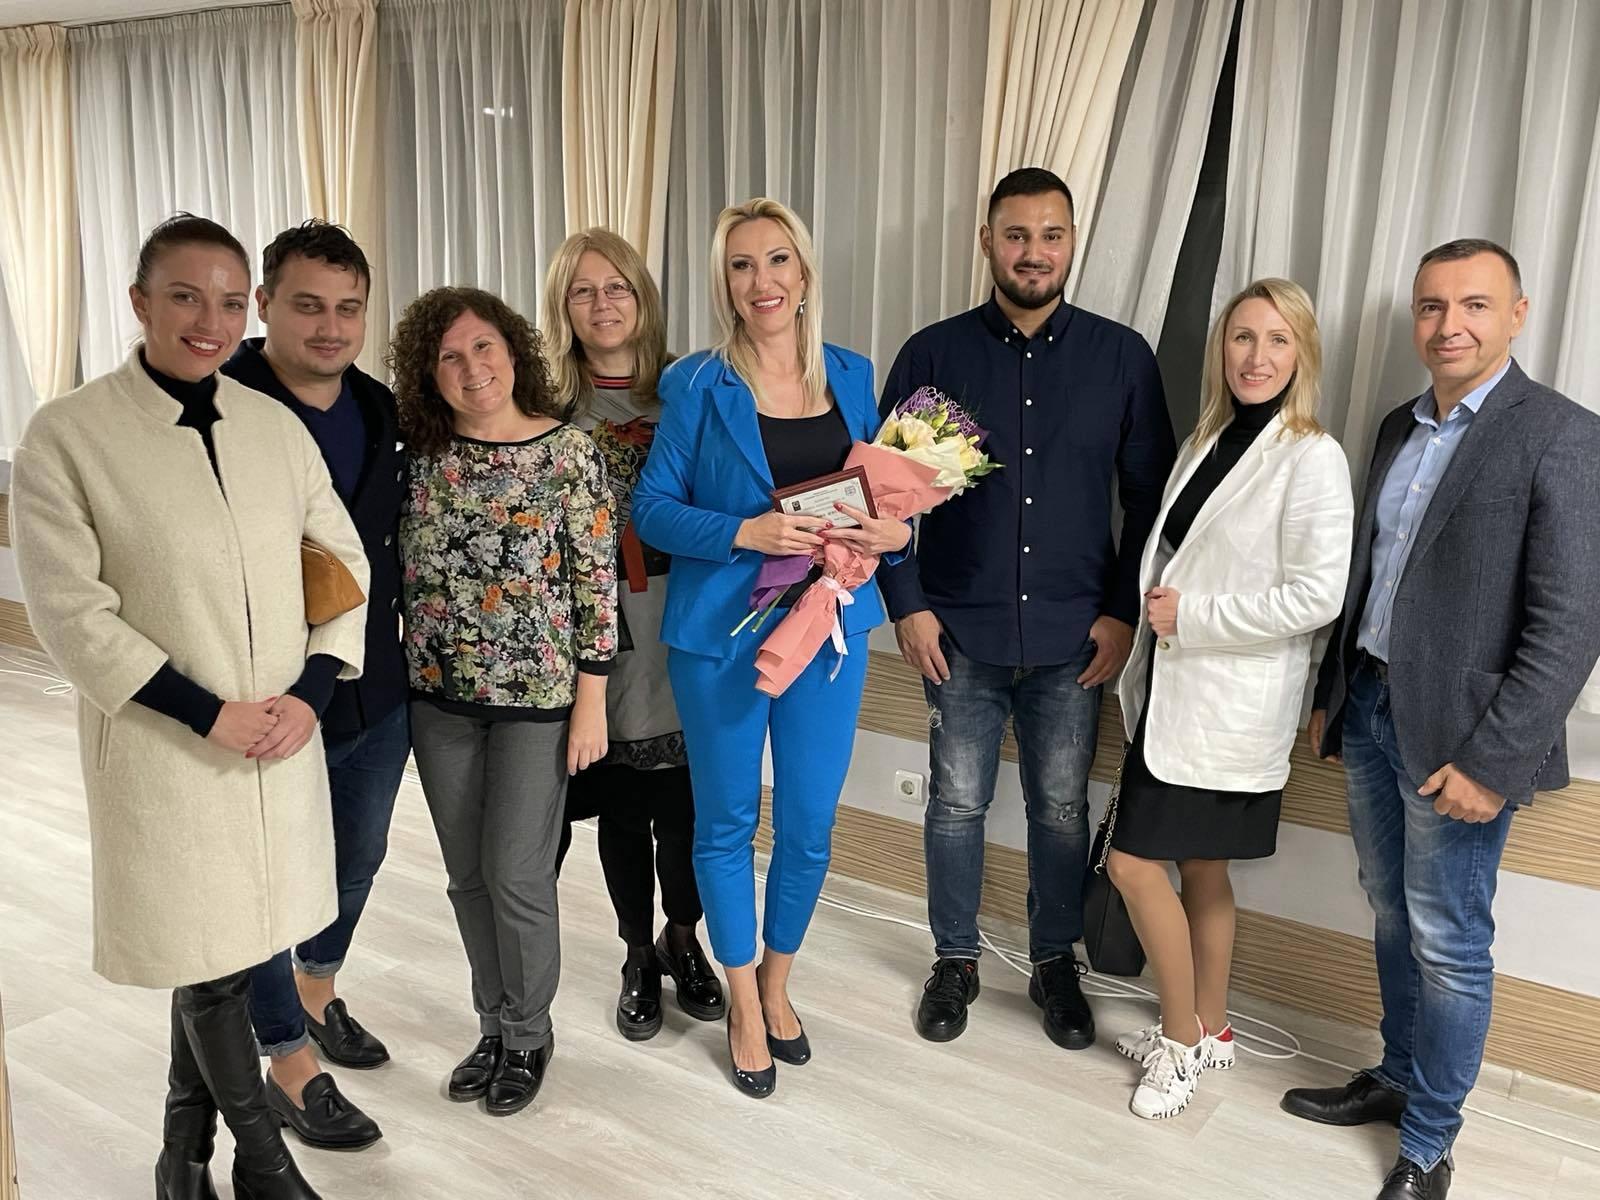 Статия в Trud.bg: Кметът Иван Портних връчи награди на изявени варненки1 - Stonehard